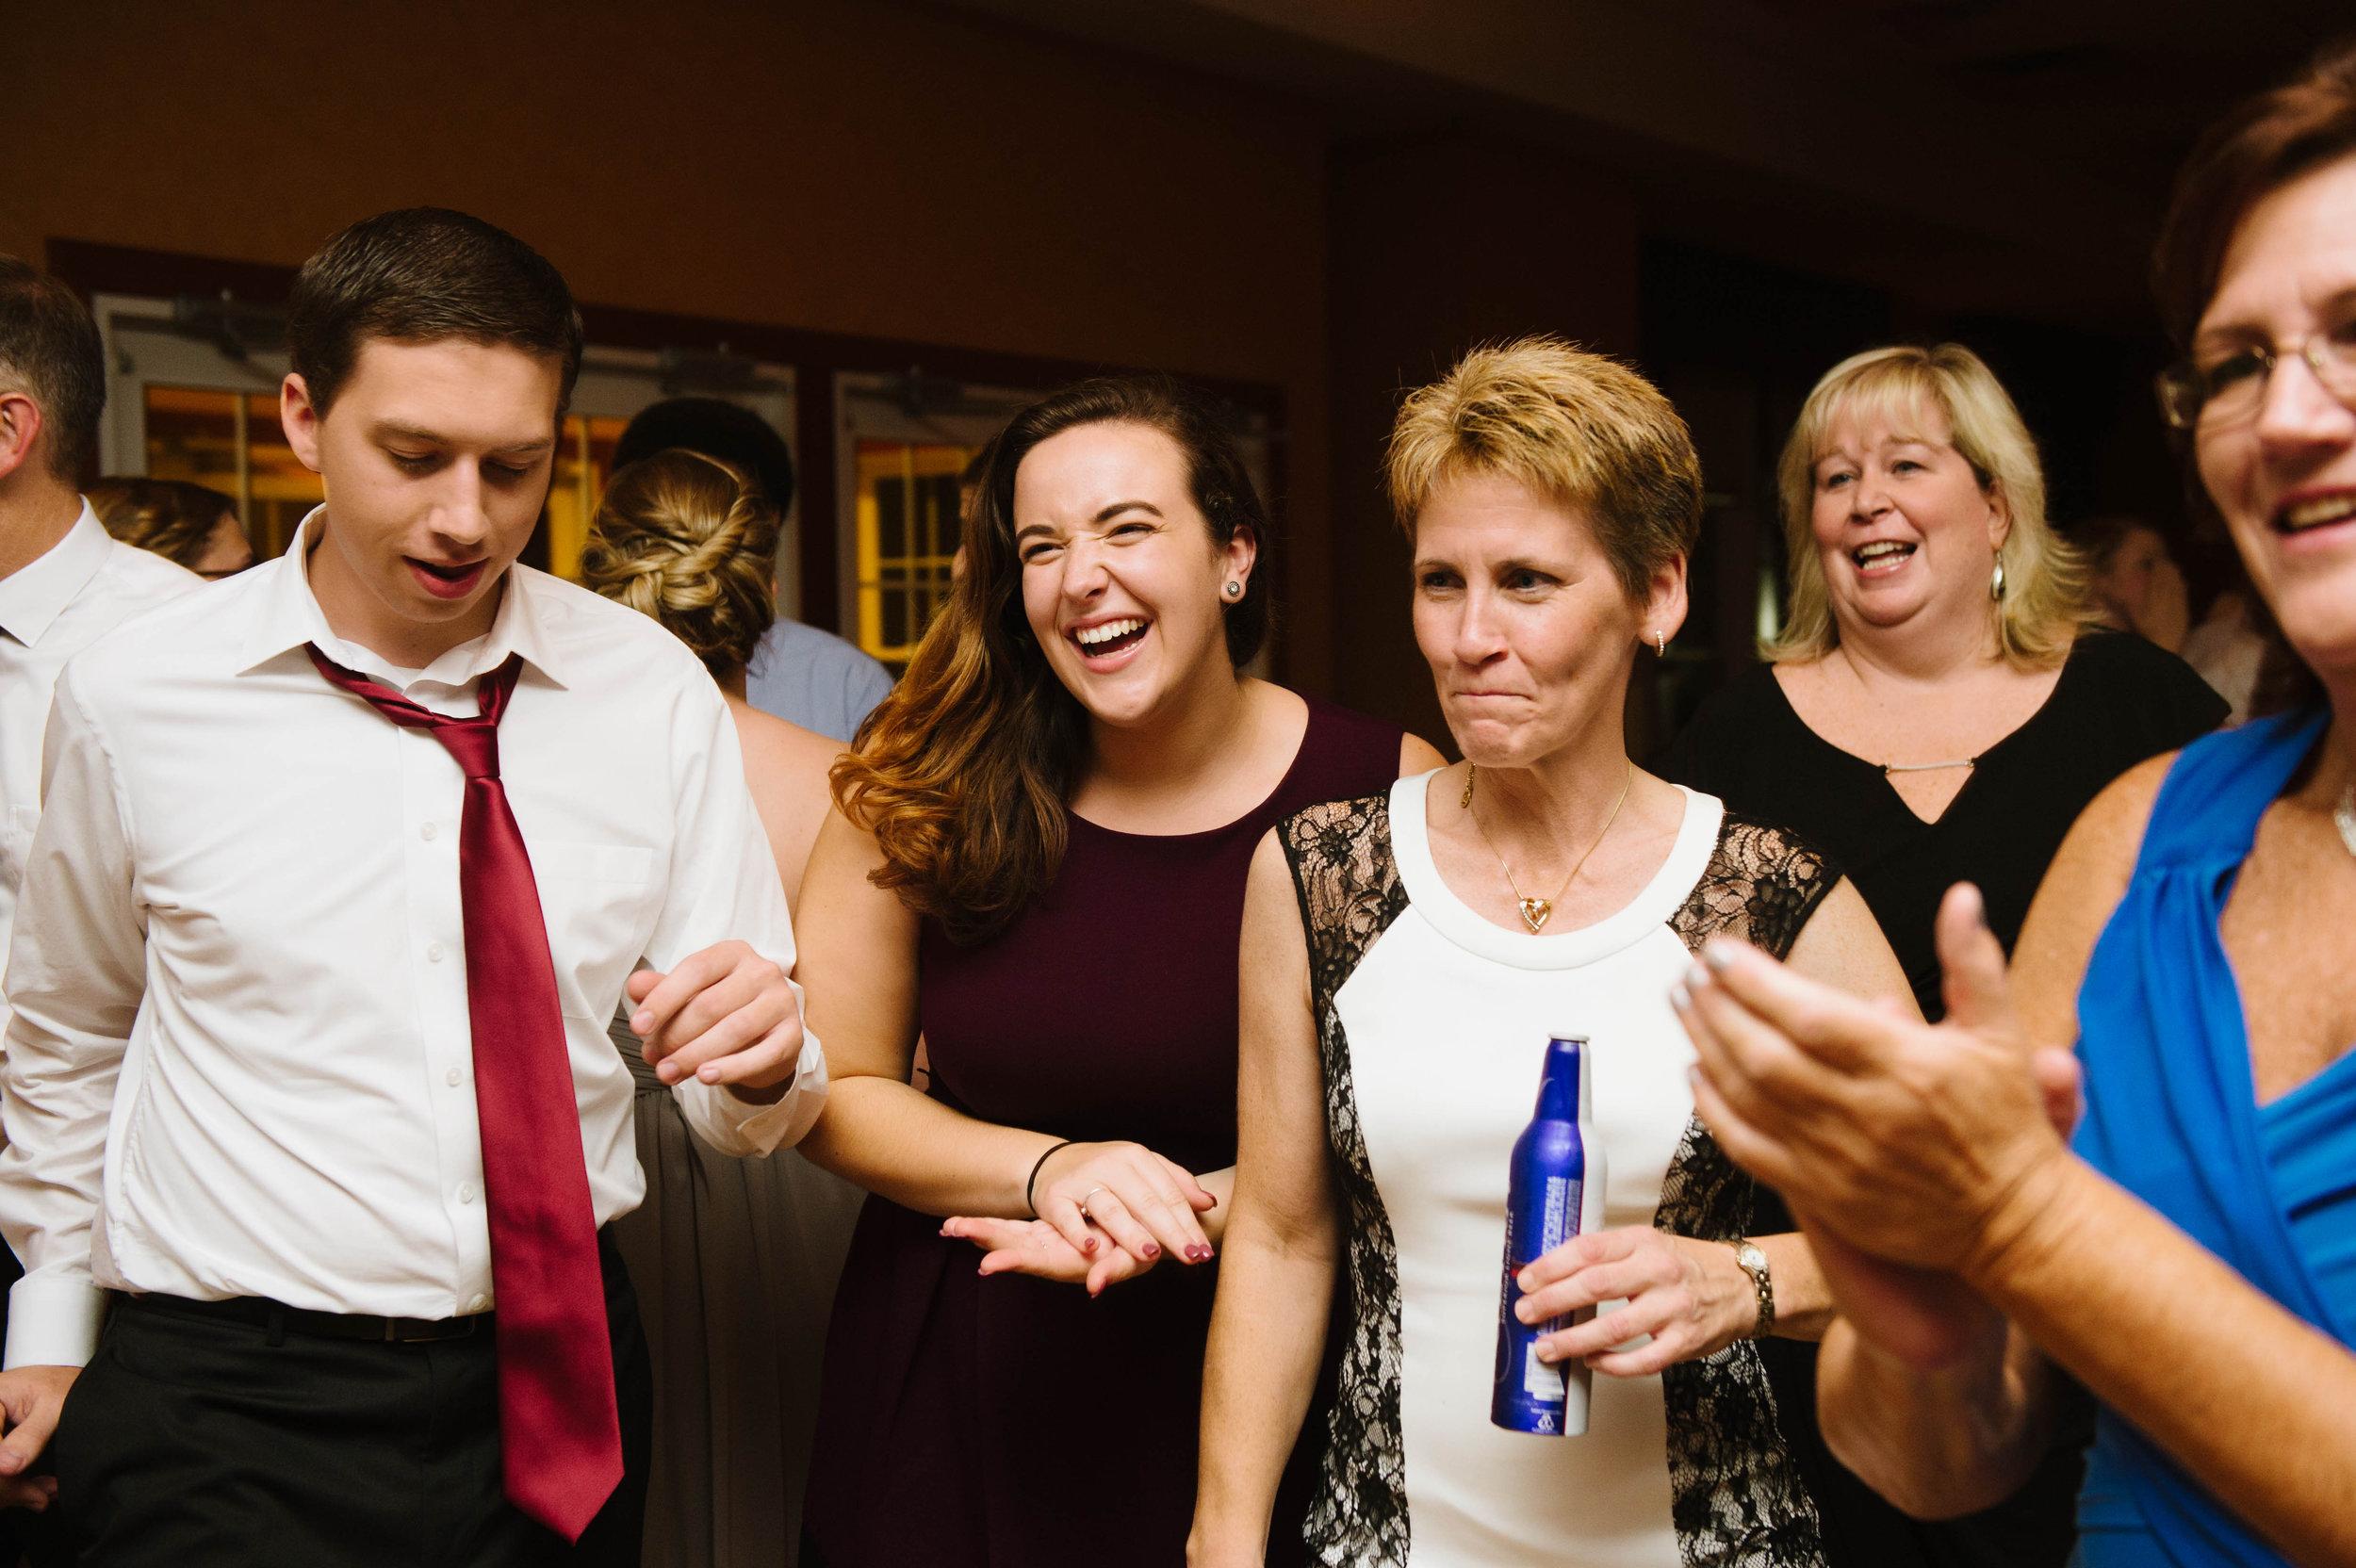 Candid-Wedding-Photography-Massachusetts031.jpg